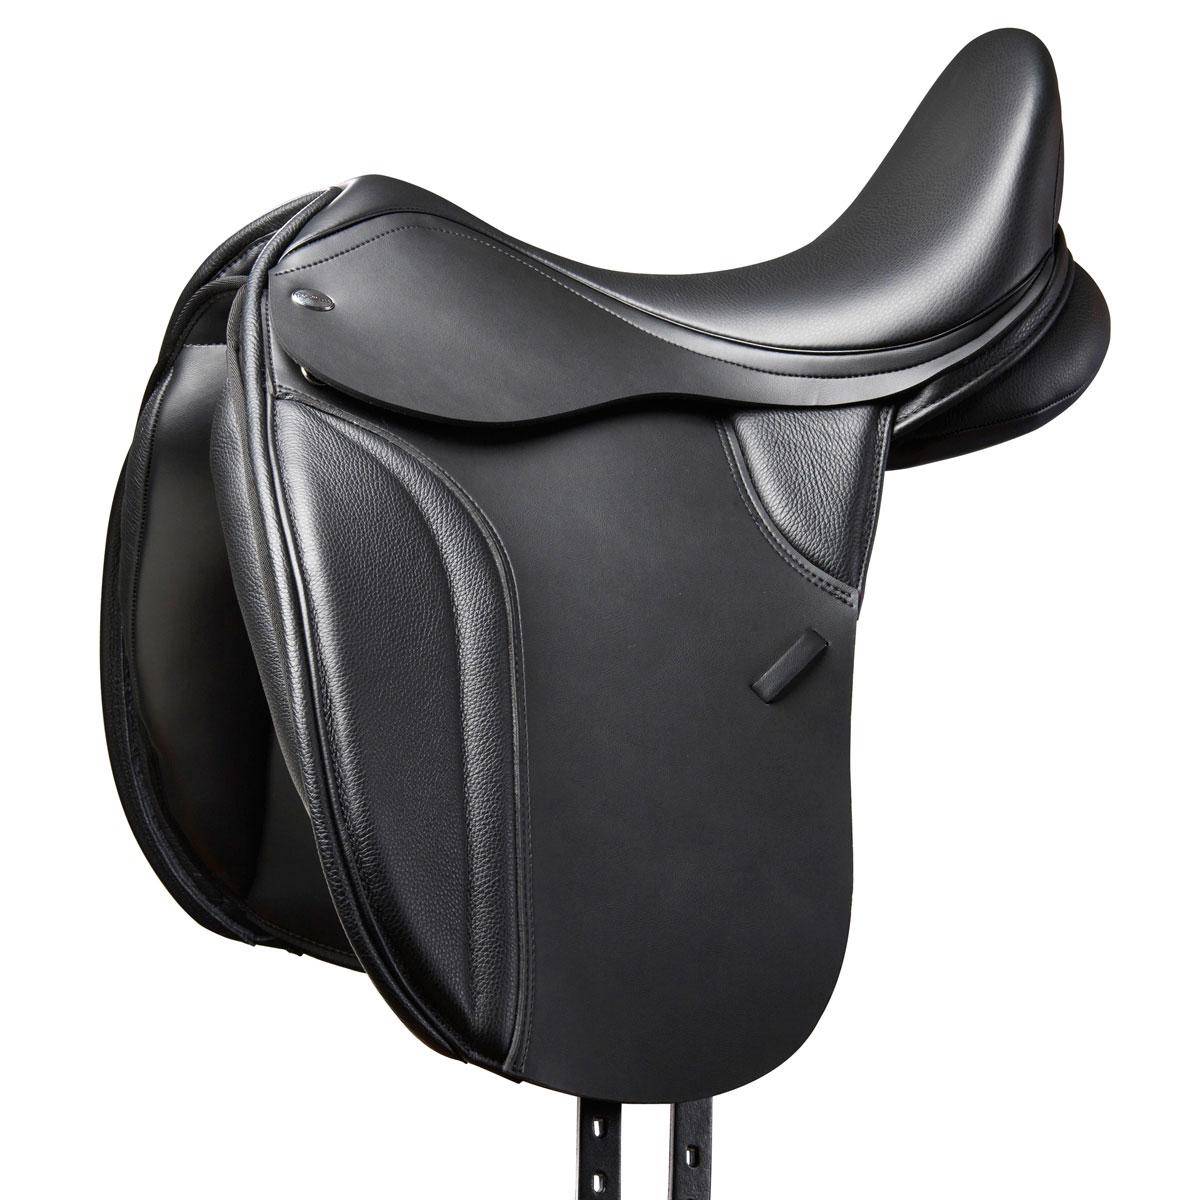 Thorowgood T8 Dressage Saddle